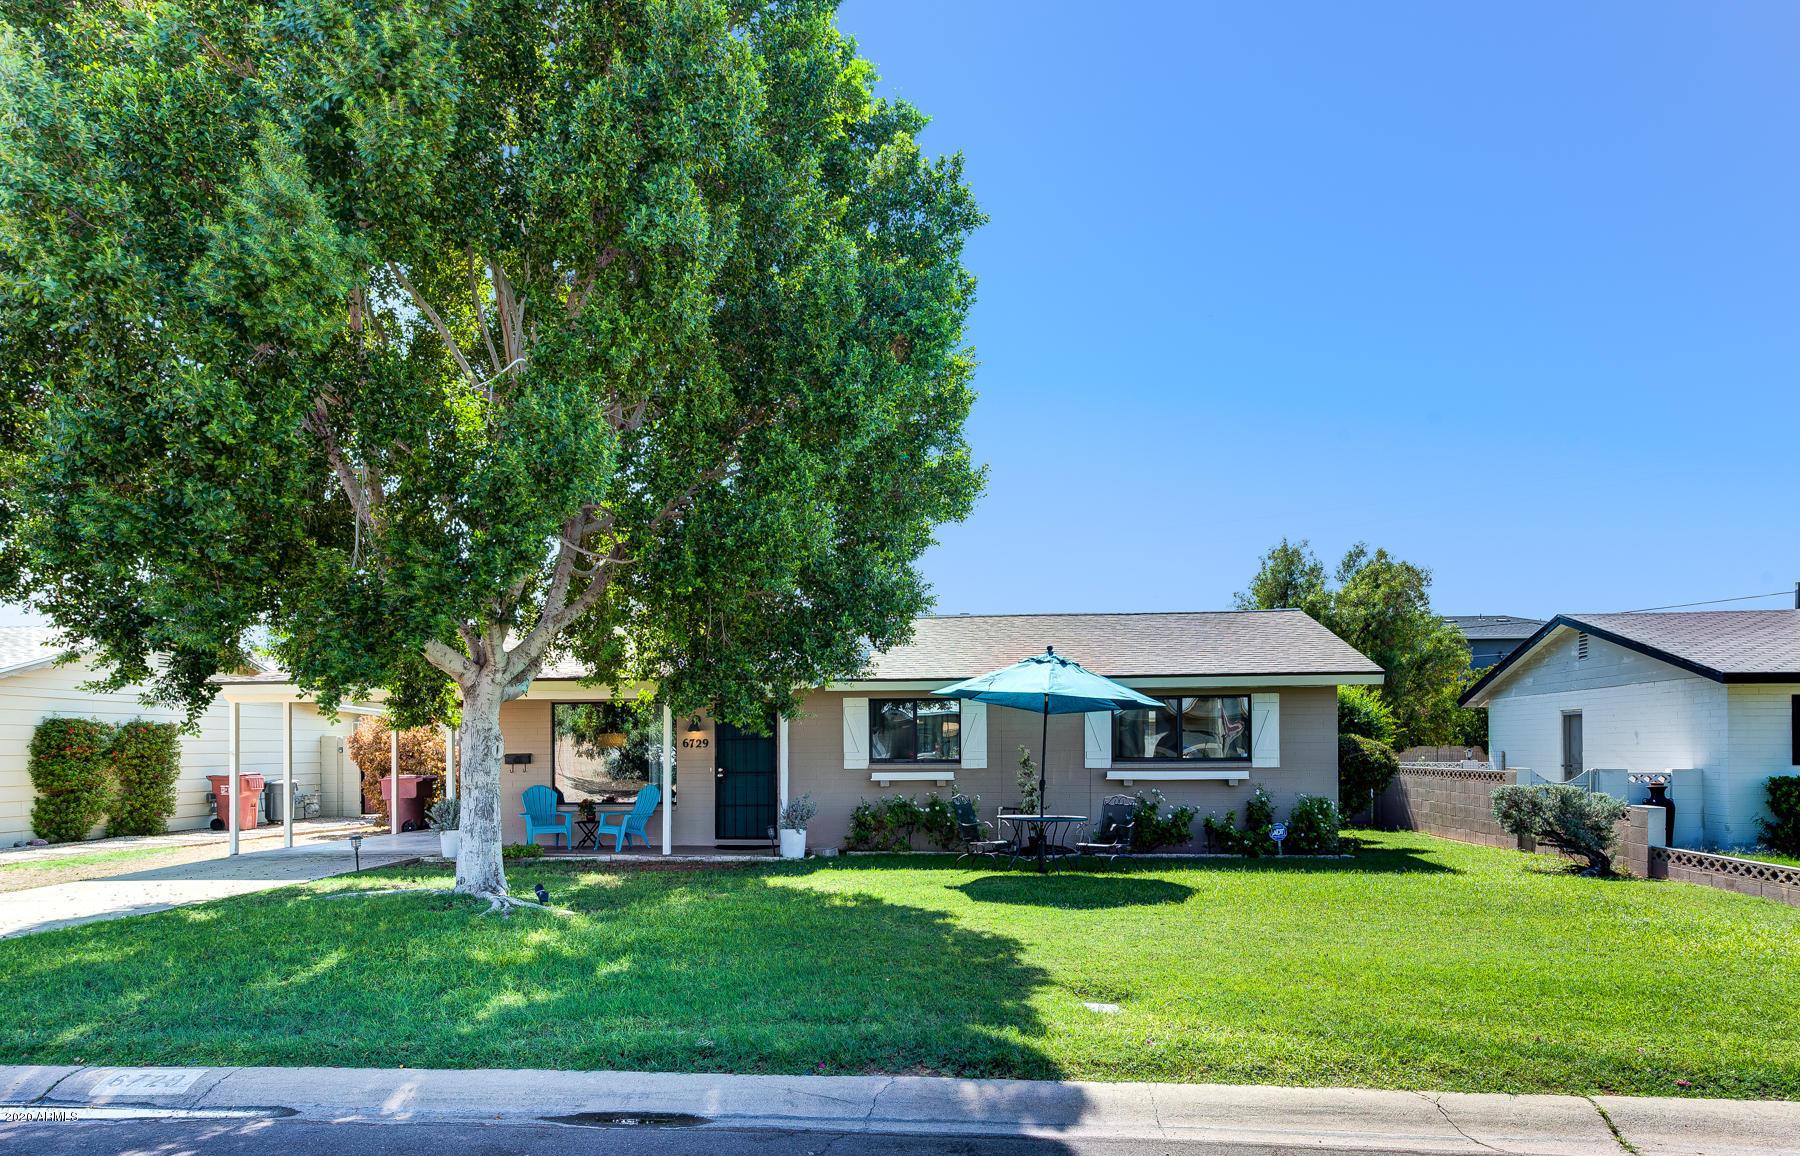 6729 E 1st Avenue, Scottsdale AZ 85251